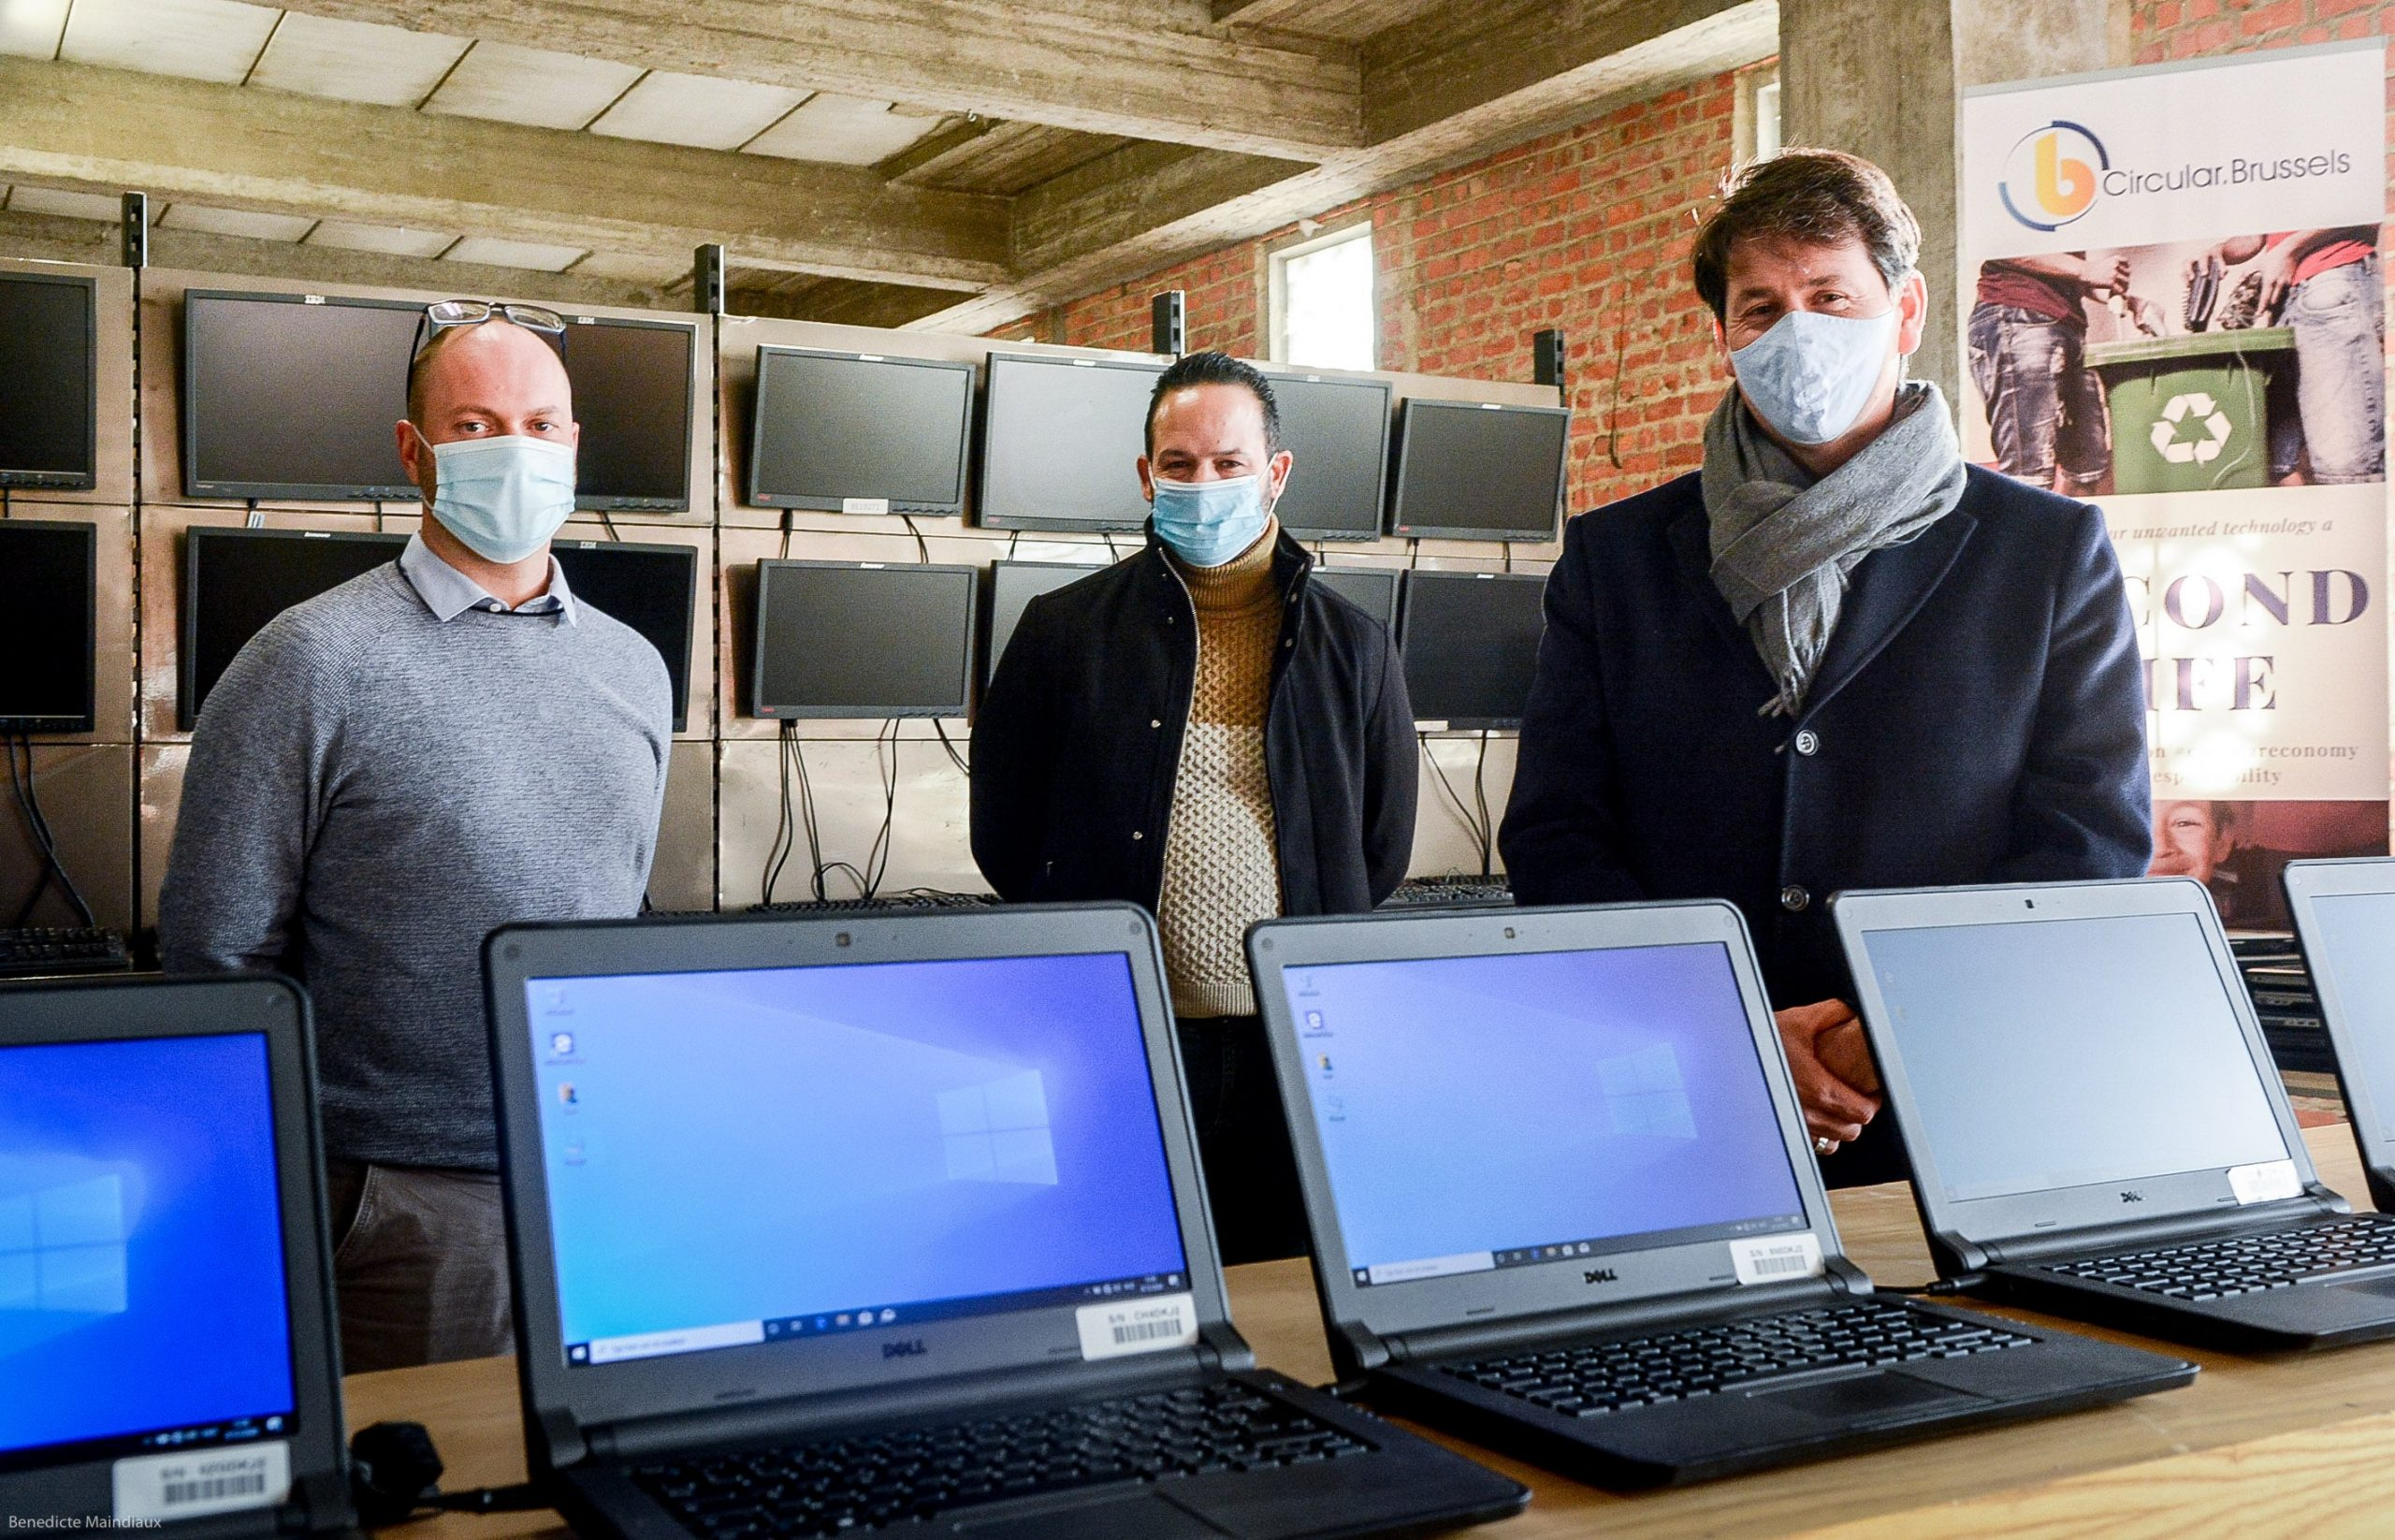 Brusselse start-up vernieuwde en verdeelde al 2.000 laptops onder scholen en OCMW's